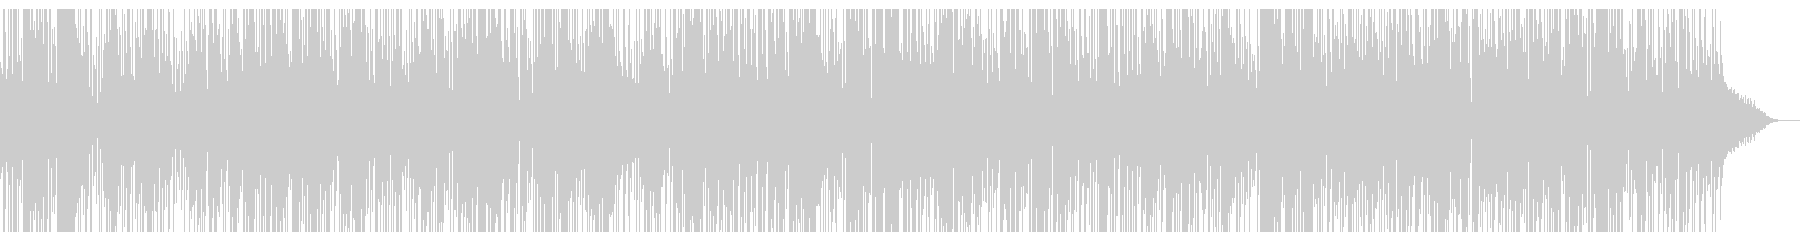 かっこいサックスとクールなジャズファンクの未再生の波形